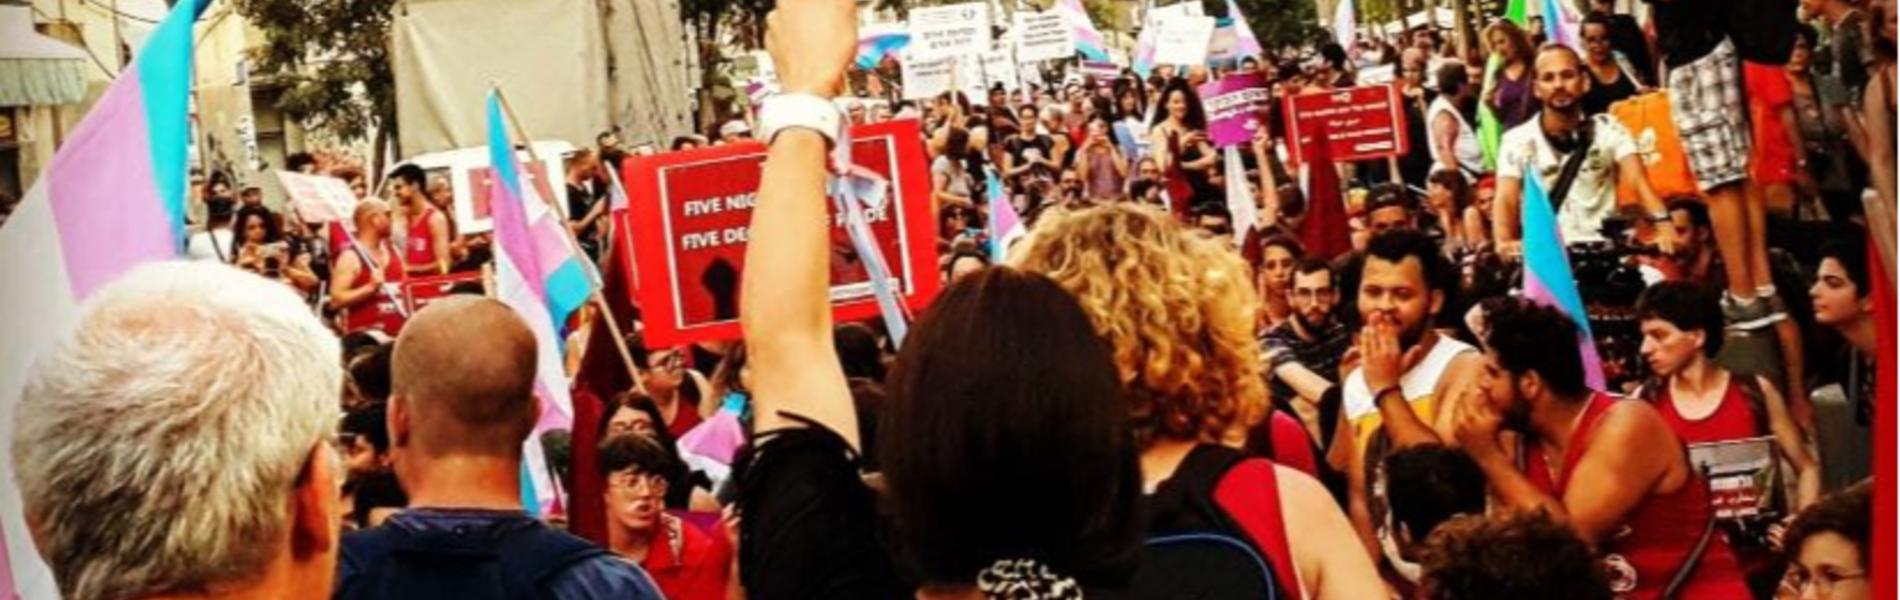 האישה שהוציאה 7000 אנשים לרחוב להפגין עבורה – התאבדה